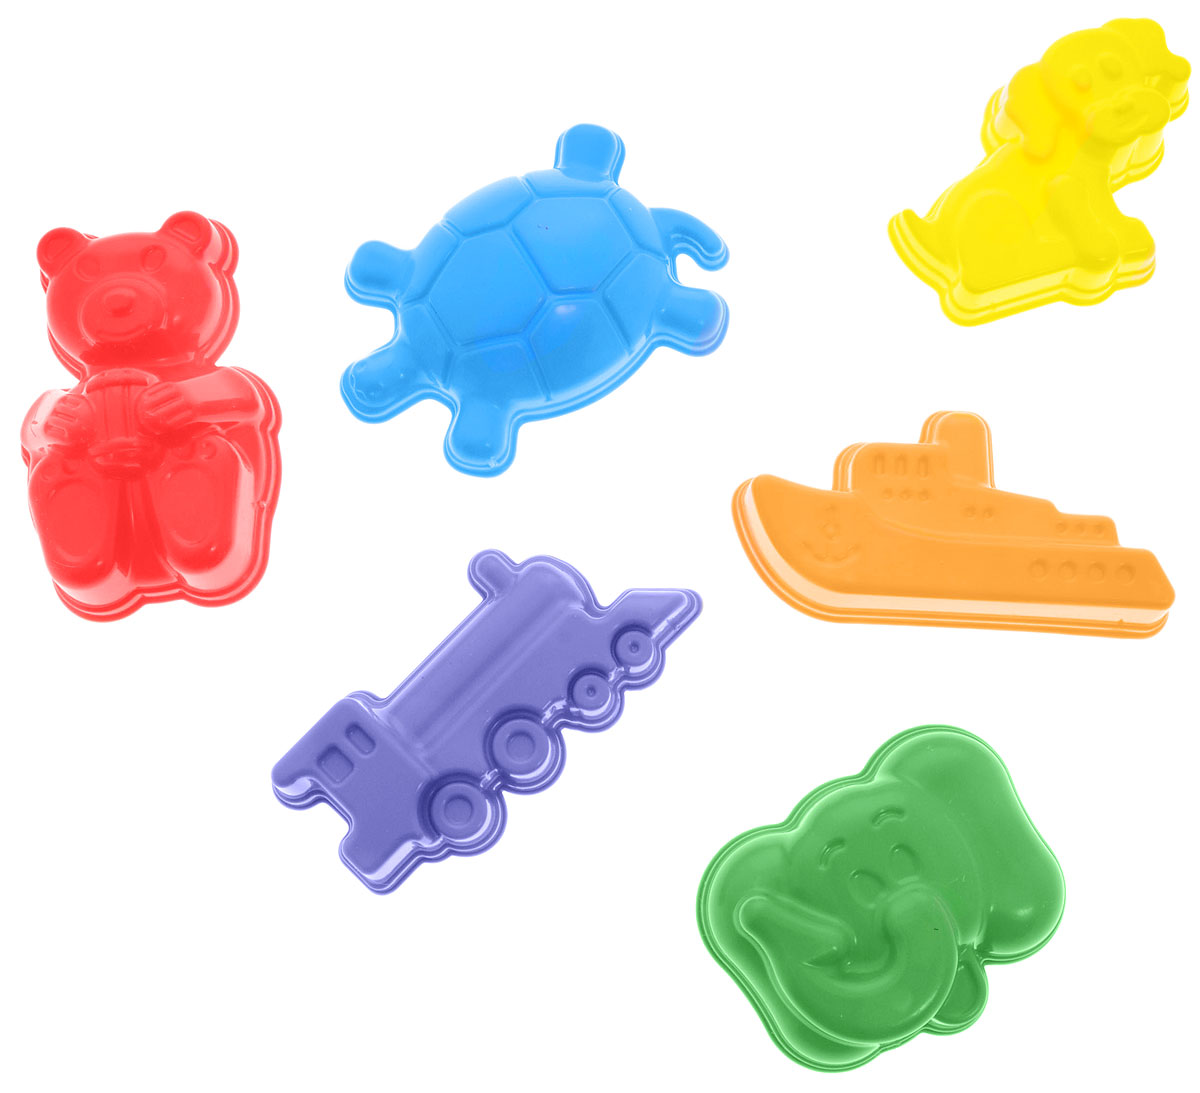 """Какая песочница без формочек? Набор формочек """"Zebratoys"""" с высокой степенью прорисовки и необычными формами станет полноценным дополнением к любой игре в песке. А качественные красители не позволят формочкам выгореть на солнце. Набор включает в себя шесть формочек в виде корабля, слоника, медвежонка, паровозика, собачки и черепашки."""